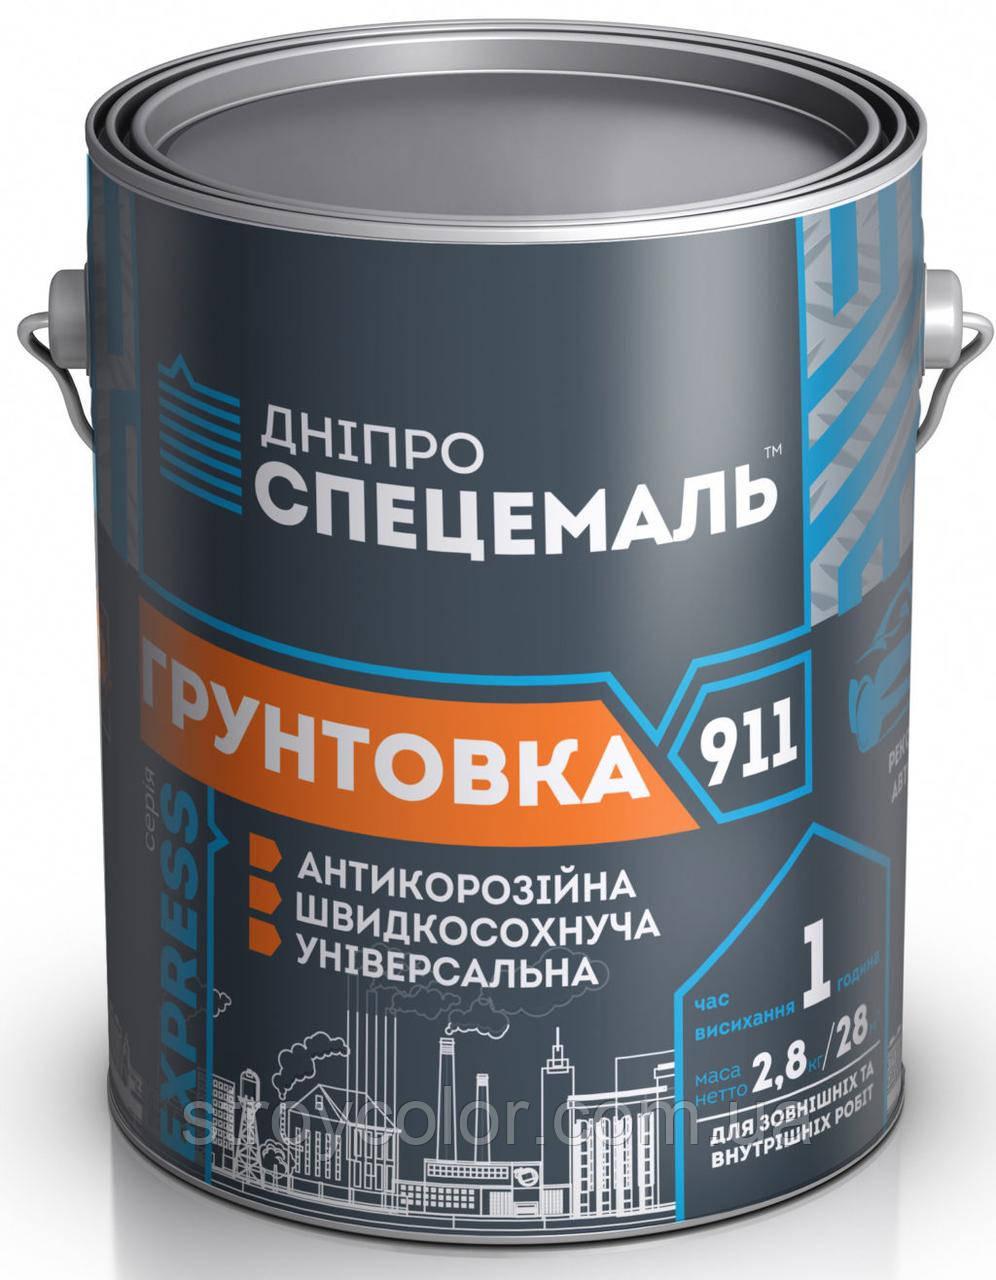 Грунт Серый антикоррозийный EXPRESS 911 Дніпроспецемаль 0,9кг (Алкидная грунтовка для авто)